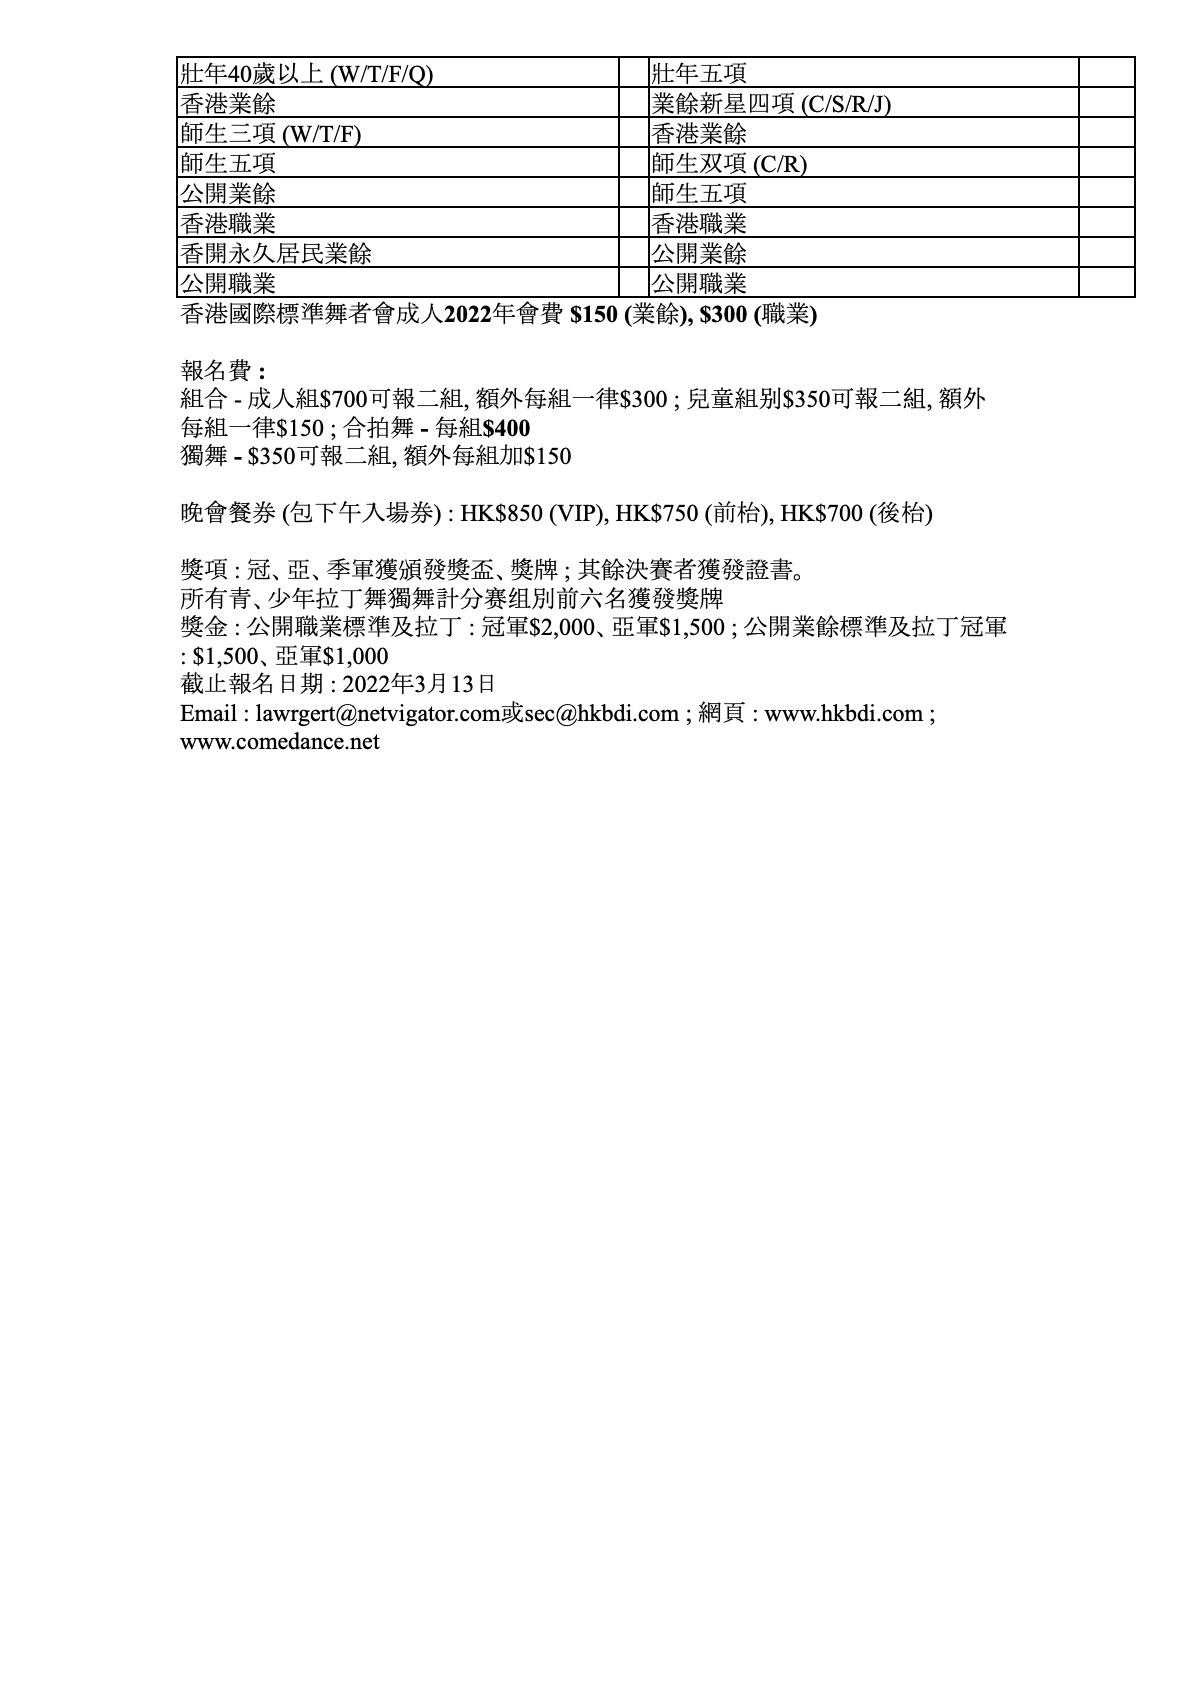 第十屆HKBDFI盃 中文单張.docx2